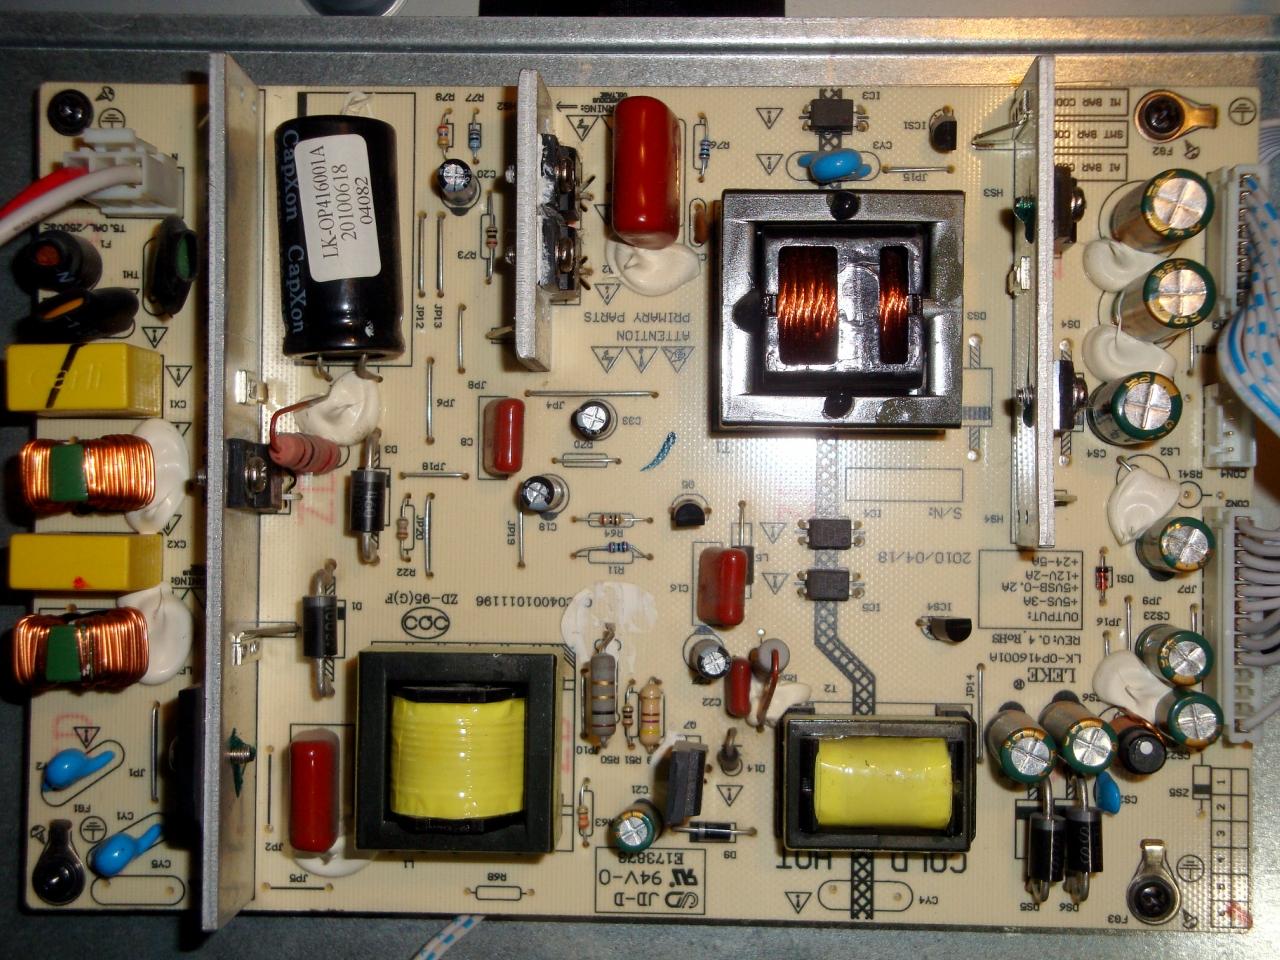 LK-0P416001A_01.JPG